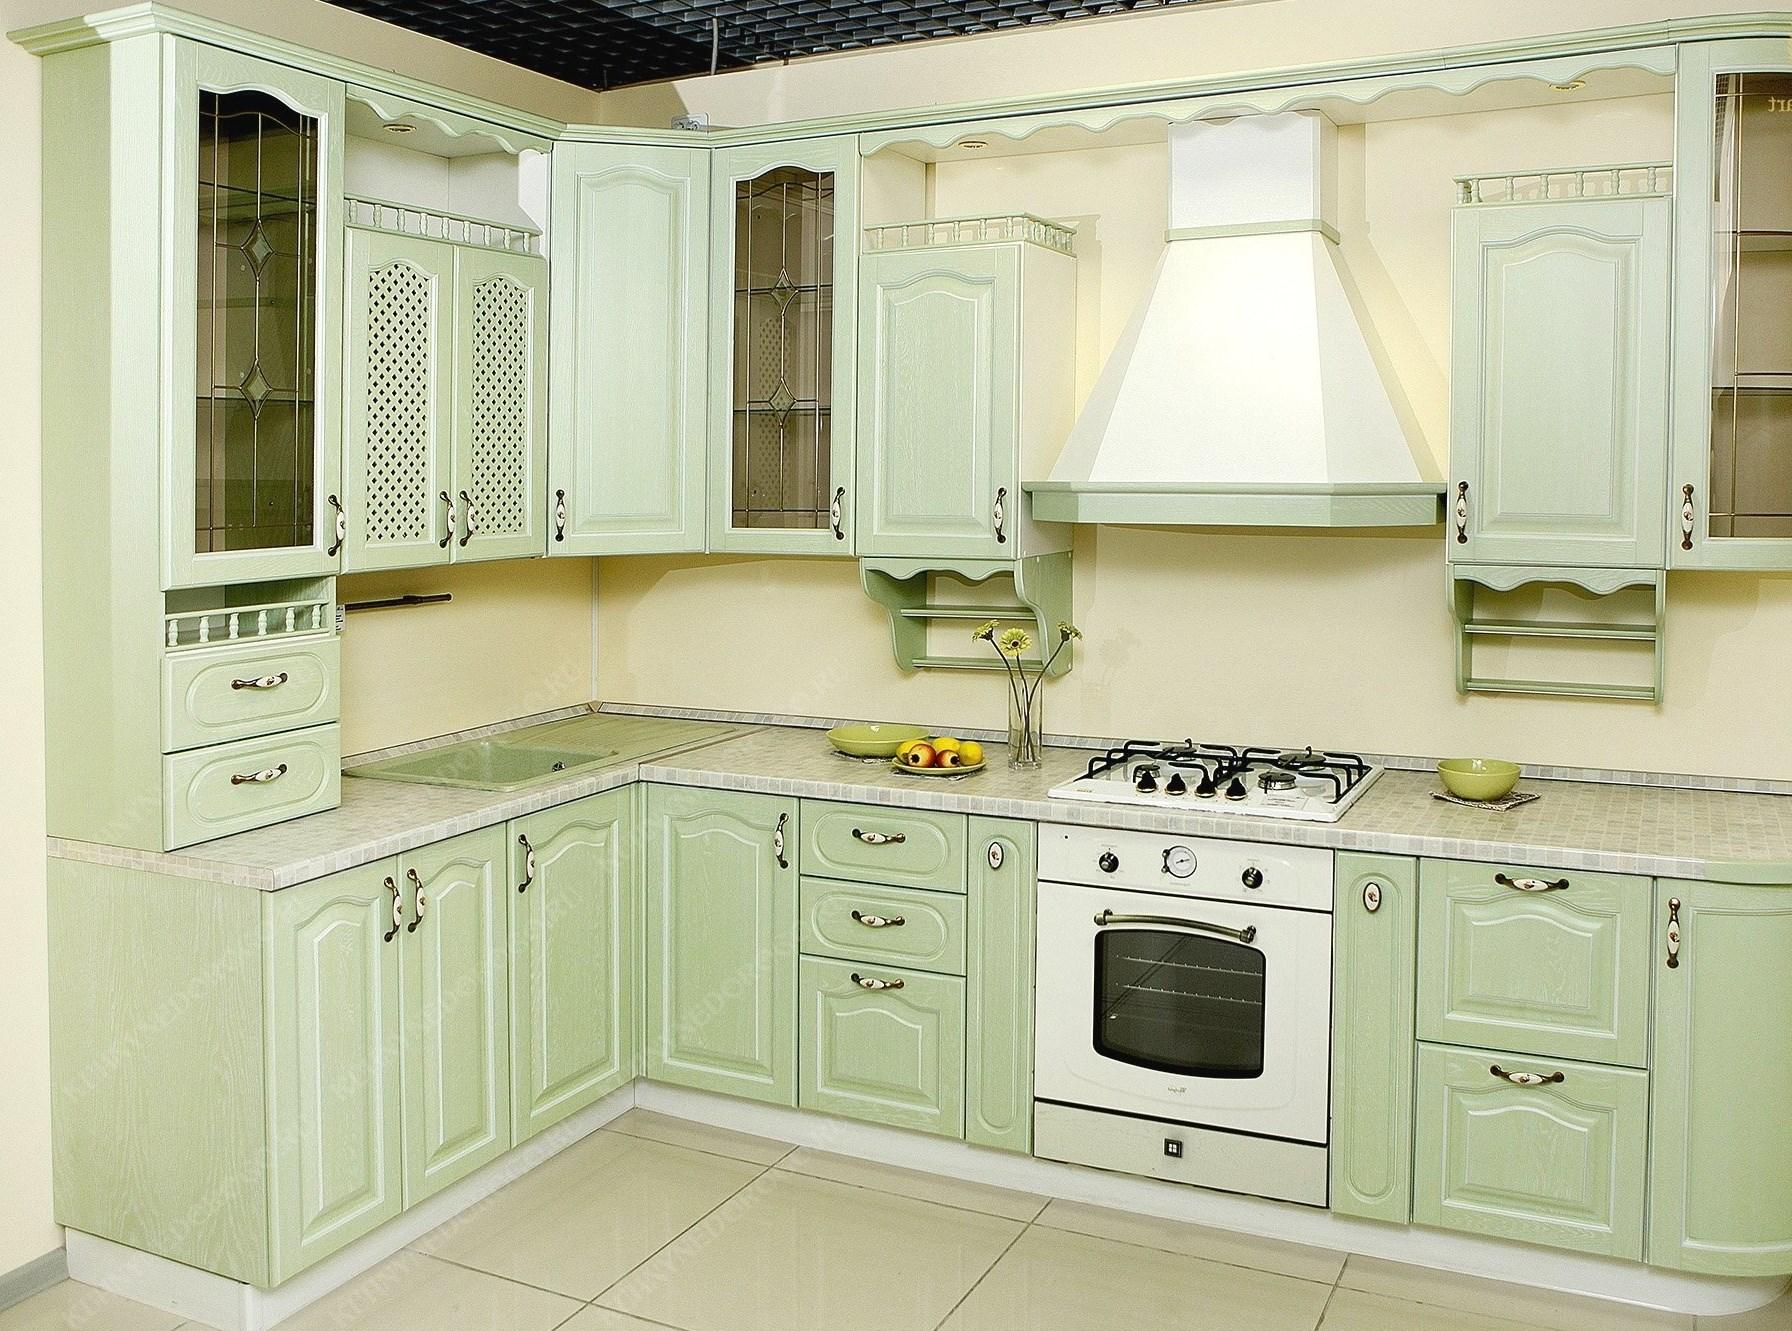 зависимости белая кухня с зеленой патиной картинки только самых умелых